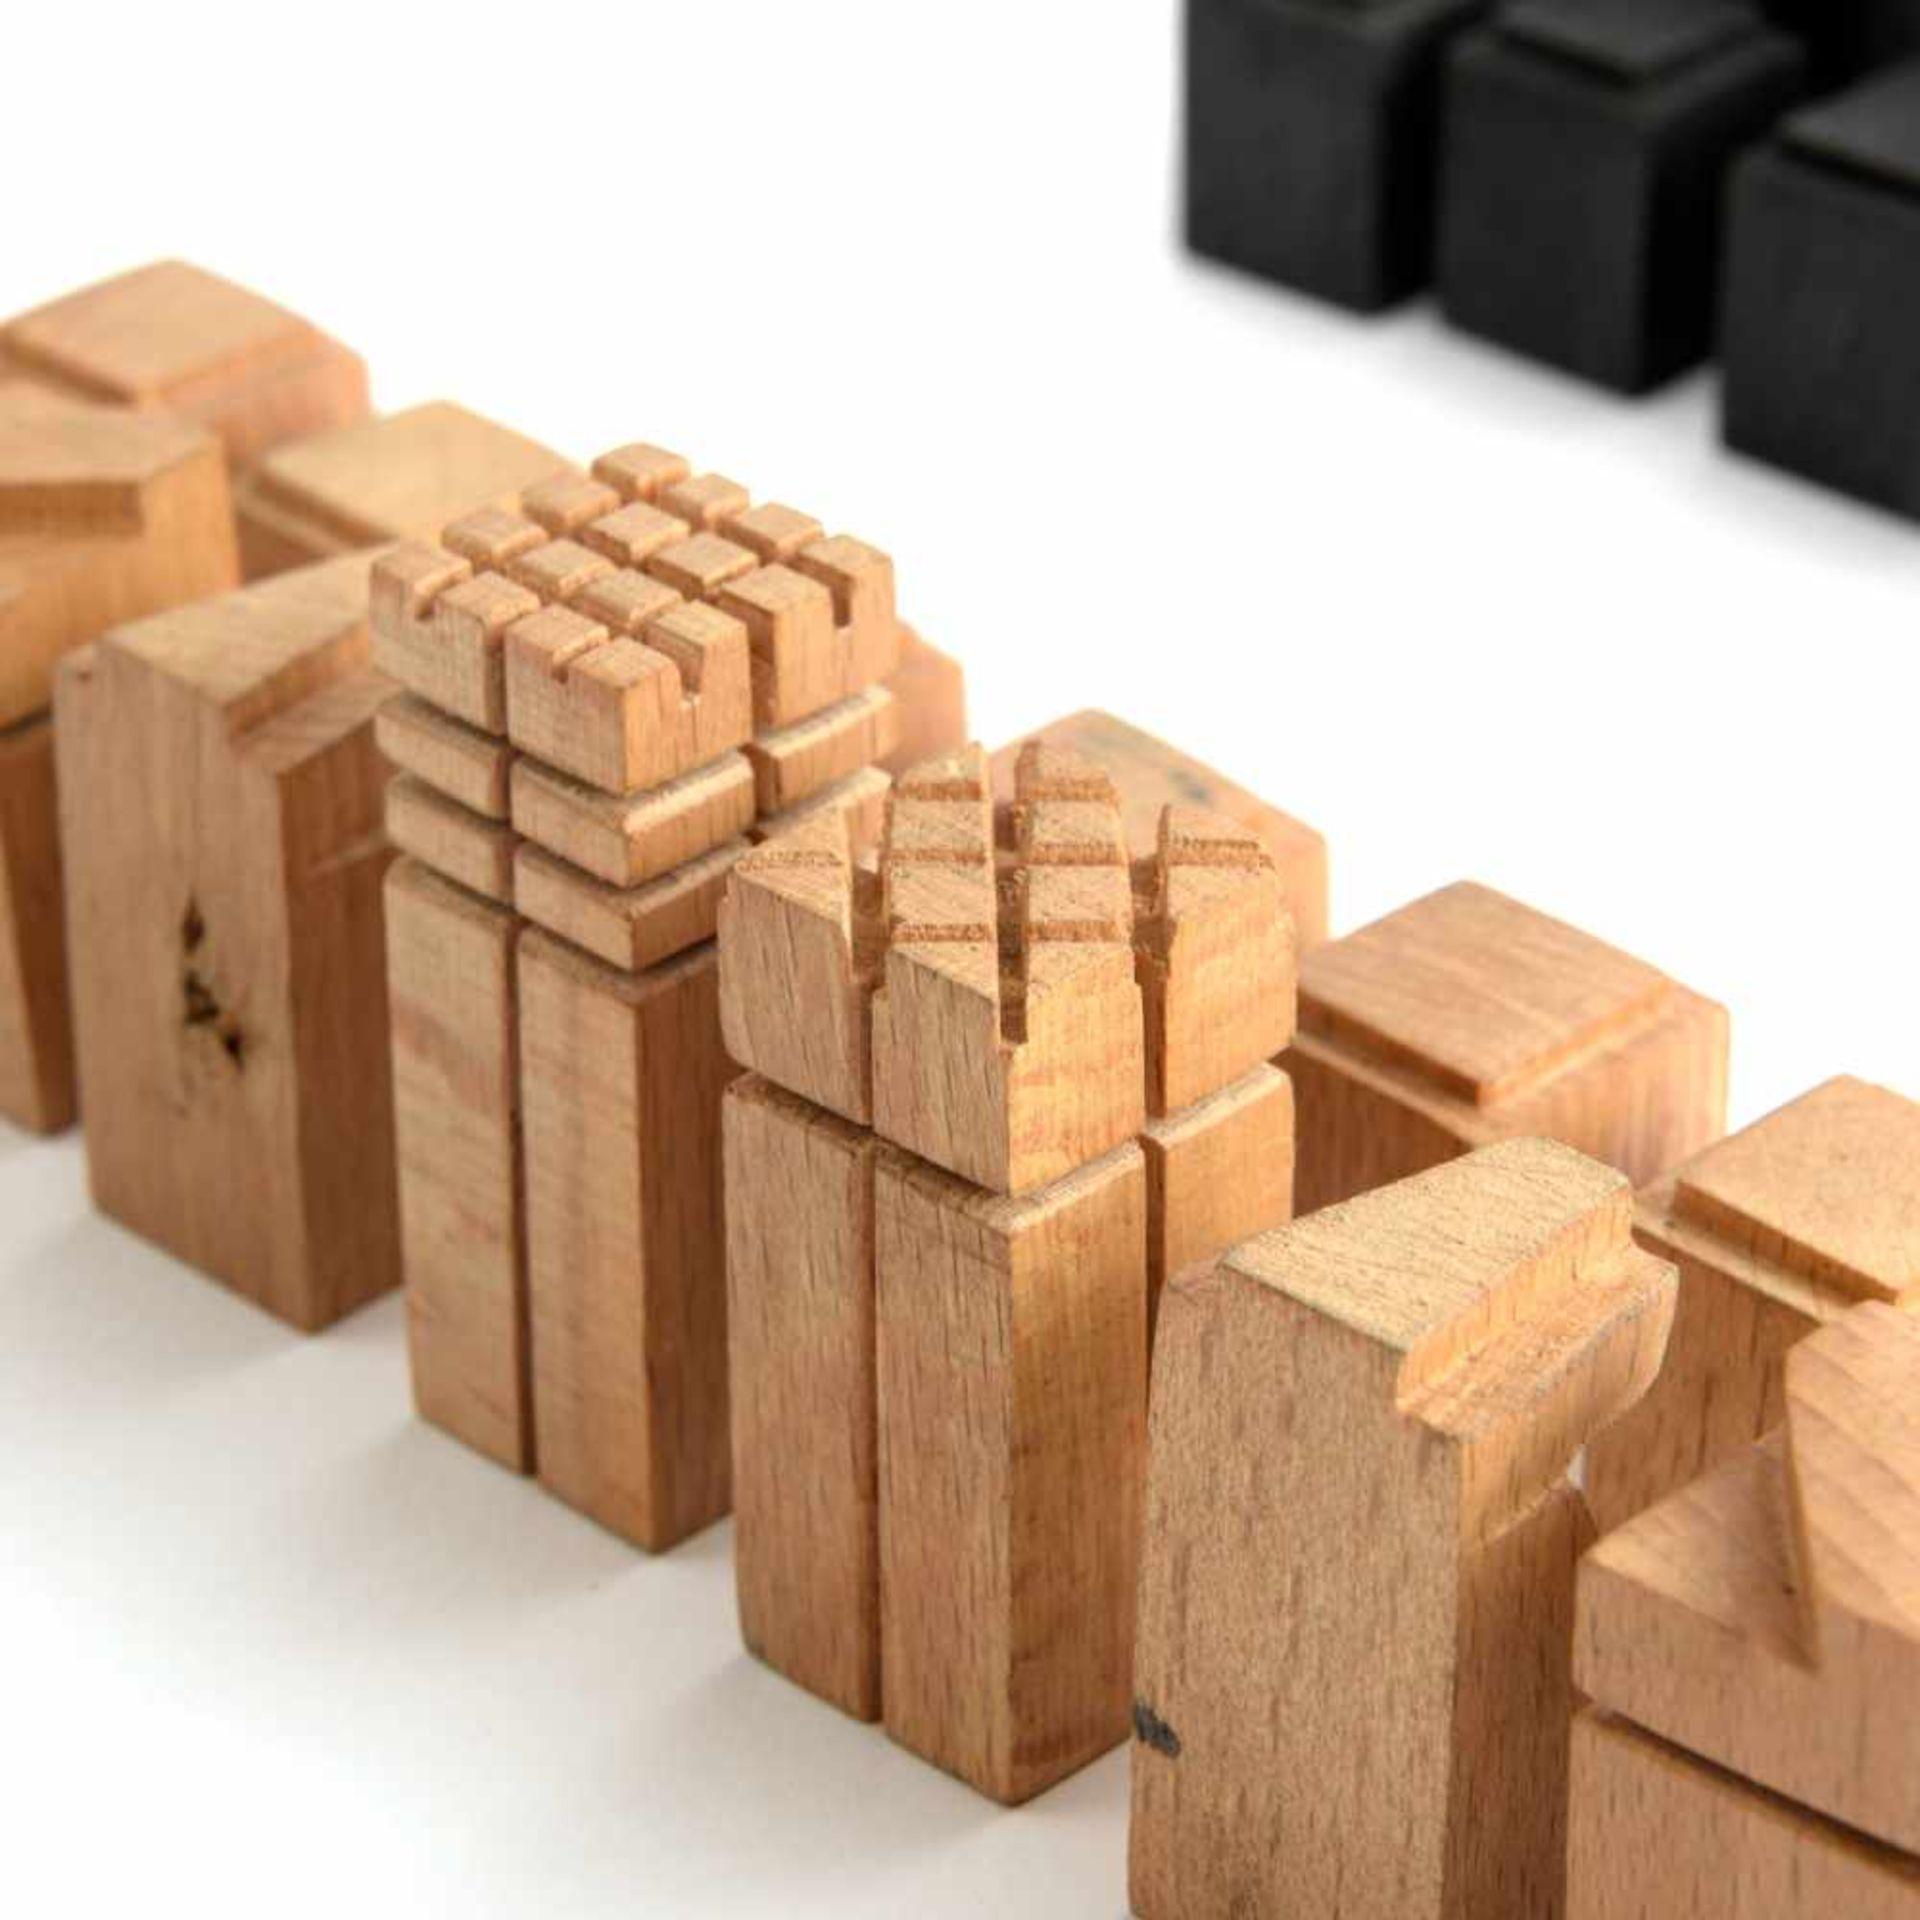 Los 15 - Deutschland. Schachspiel 'Das neue Schach', um 1925 H. 2,5-5,4 cm. Holz, natur bzw. schwarz gebeizt.